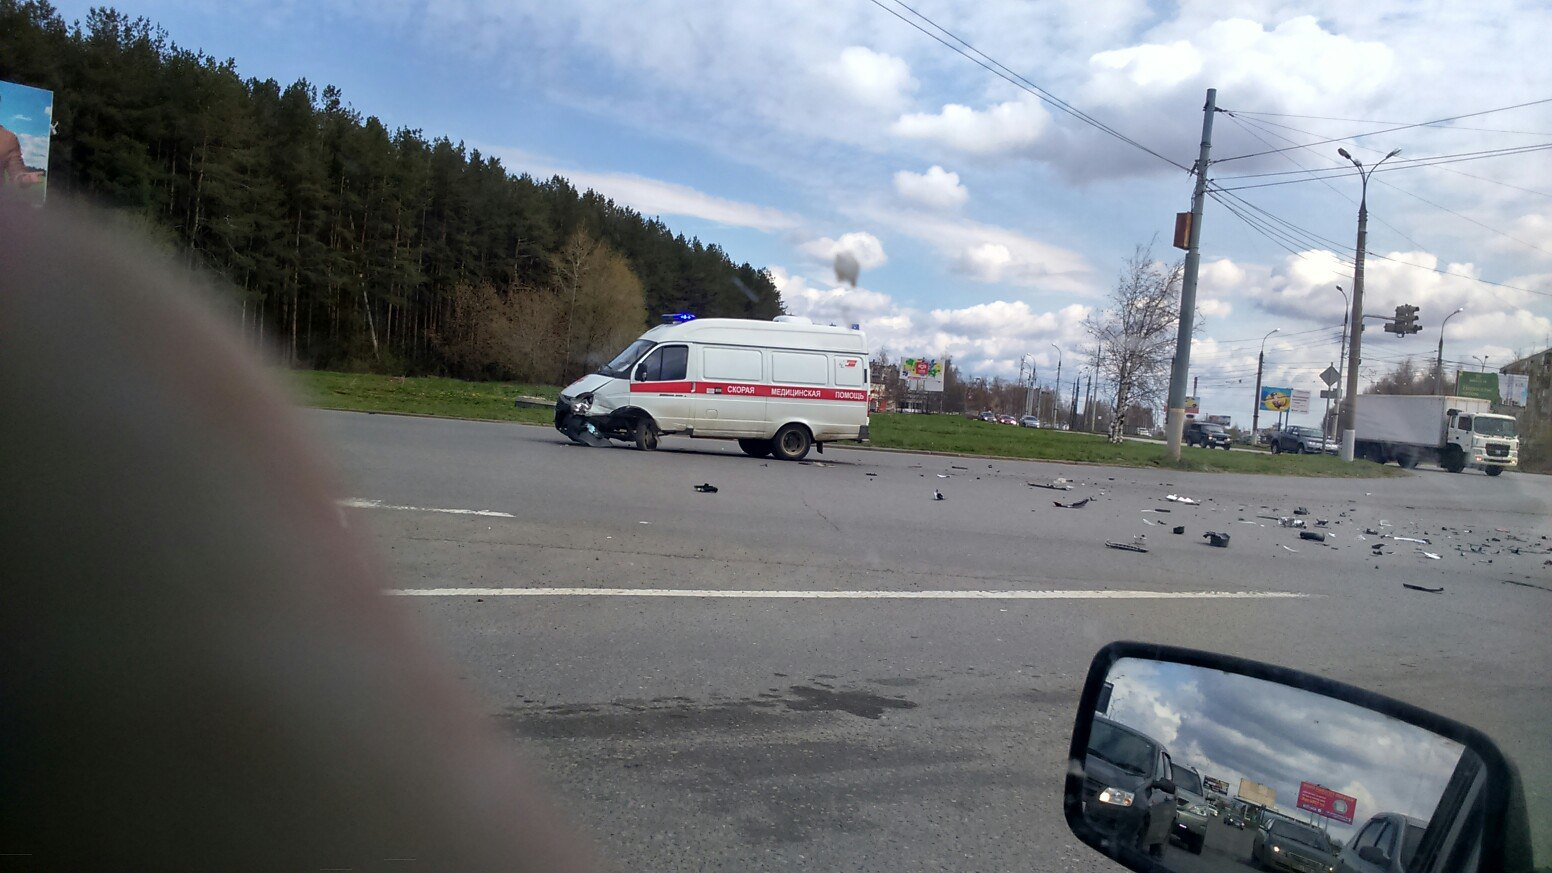 ВИжевске иностранная машина врезалась вавтомобиль «скорой помощи»